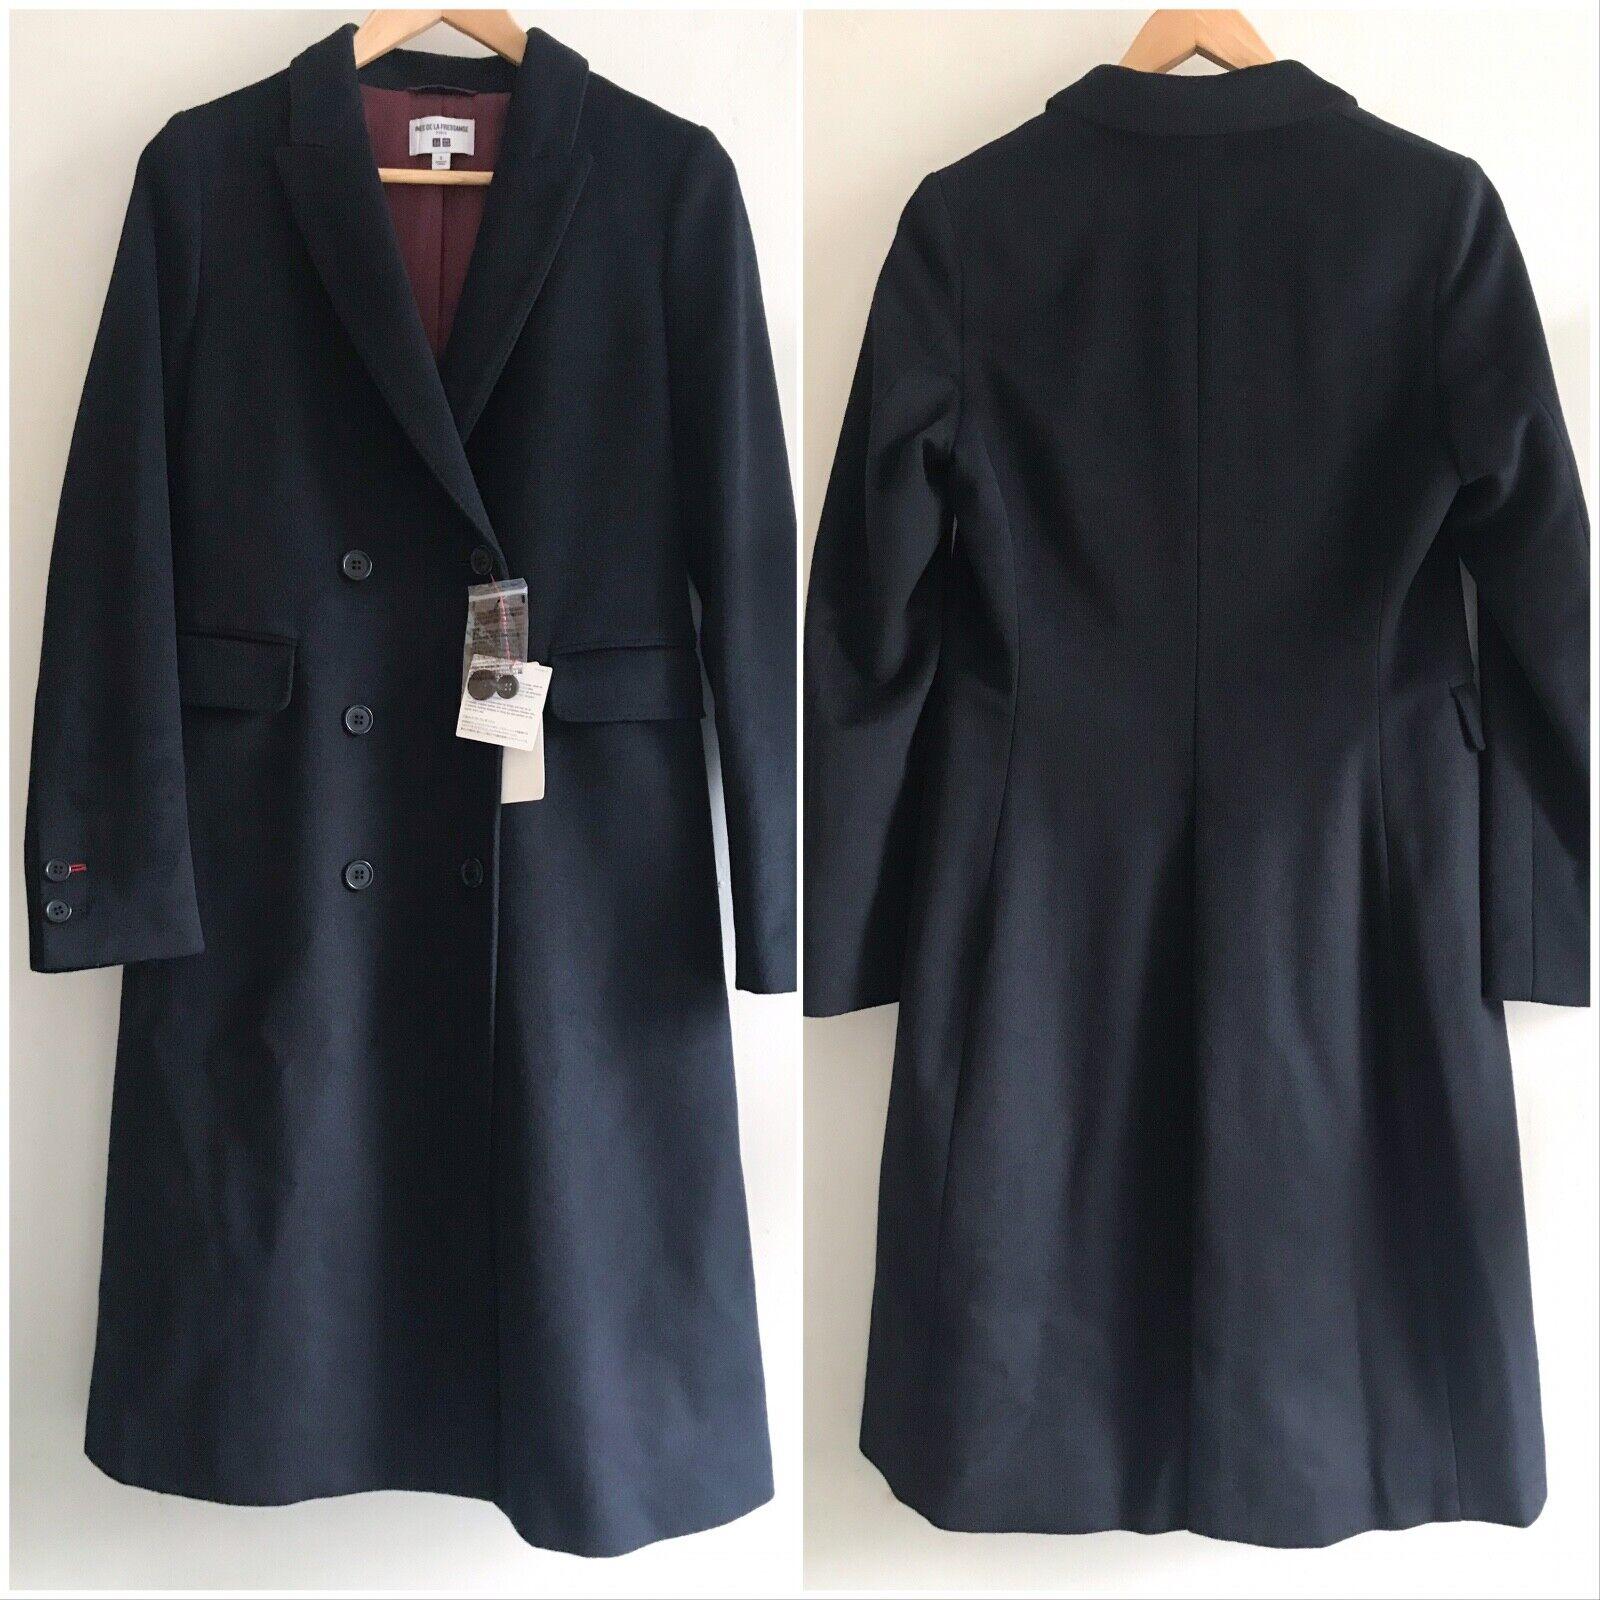 Uniqlo x Ines de la Fressange IDLF Wool-Blend Coat in Navy XS S L